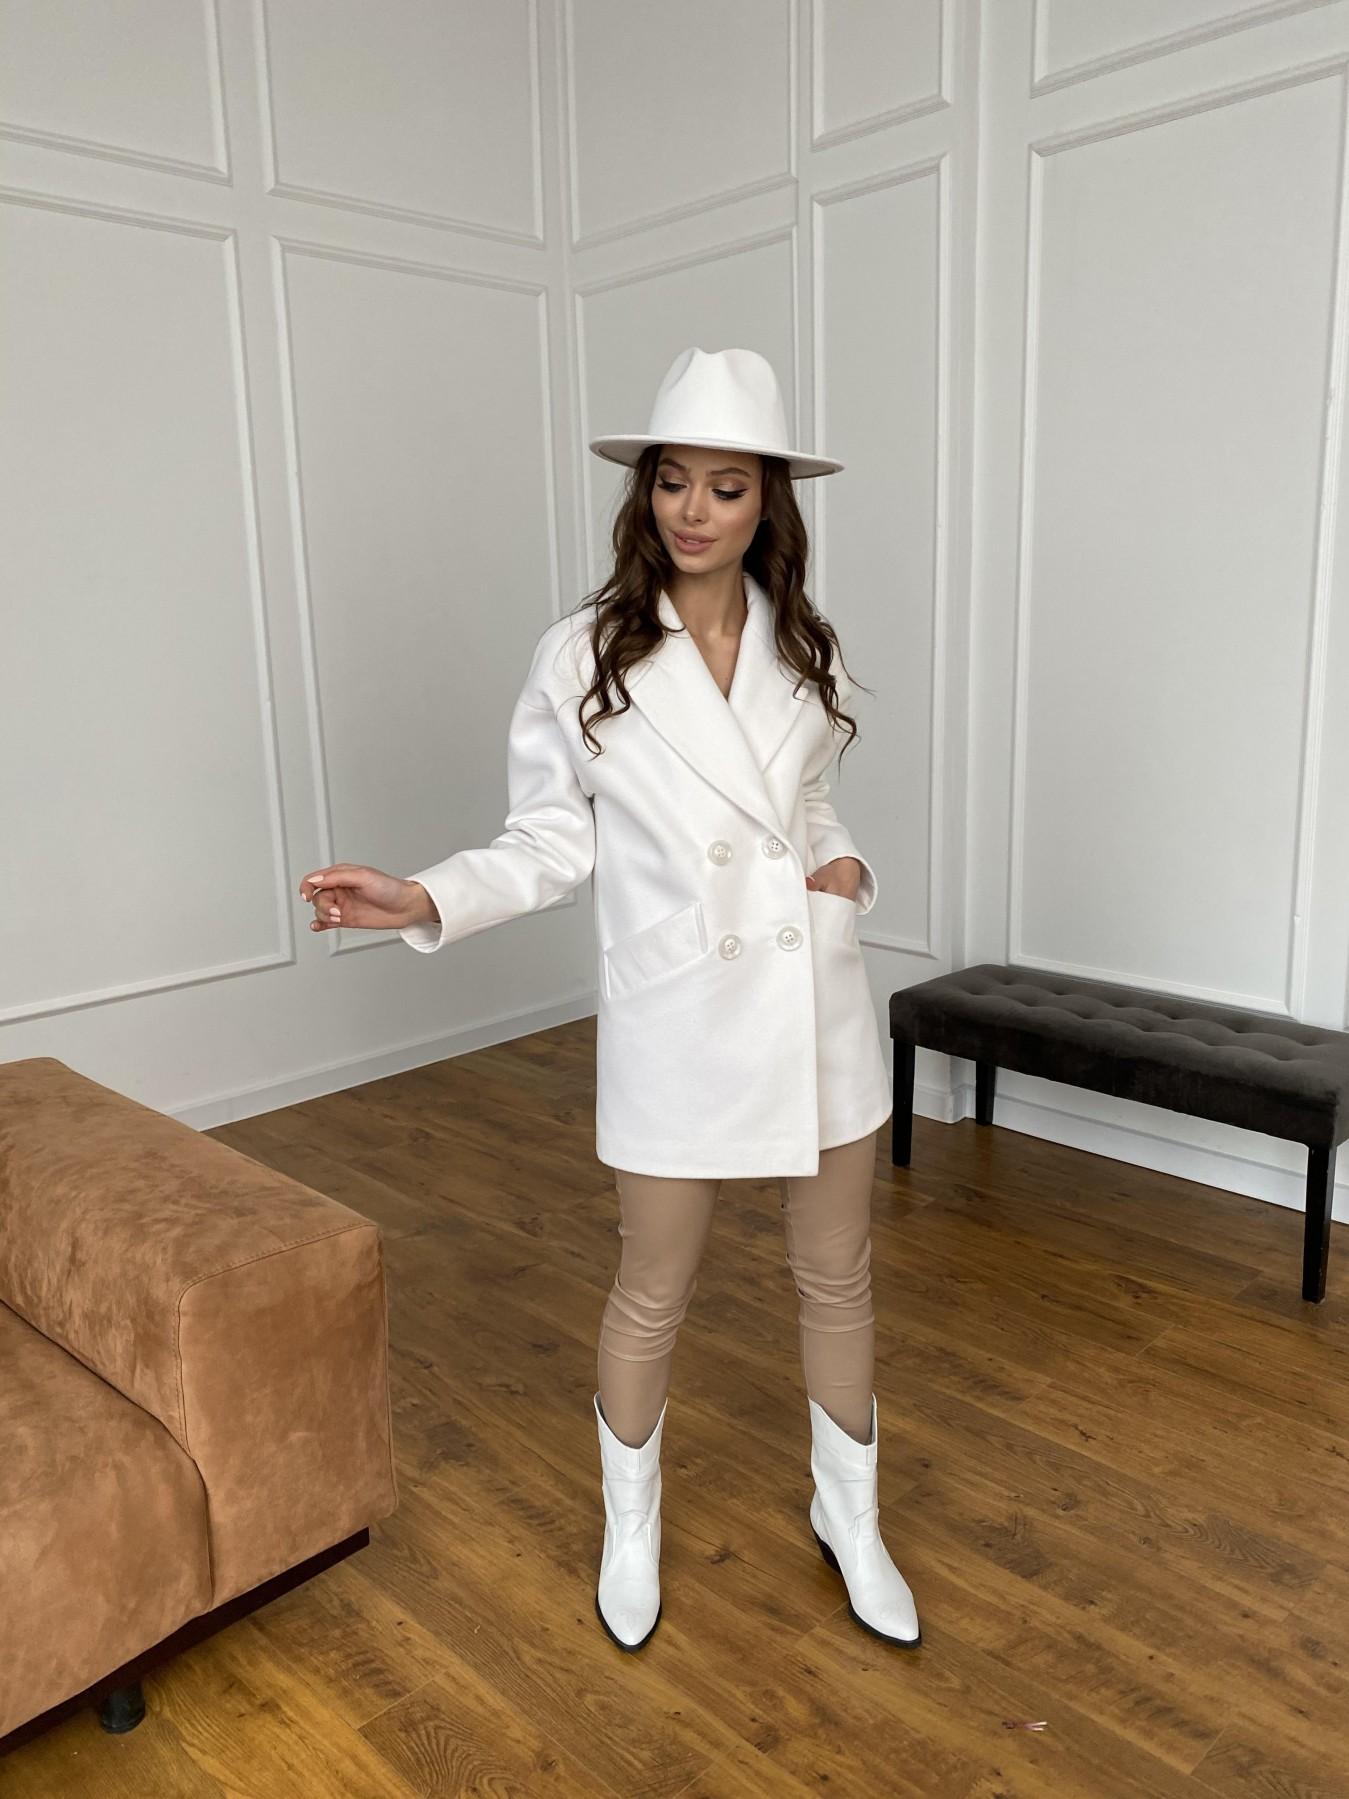 Бонд пальто из кашемира 10646 АРТ. 47495 Цвет: Молоко 1 - фото 2, интернет магазин tm-modus.ru